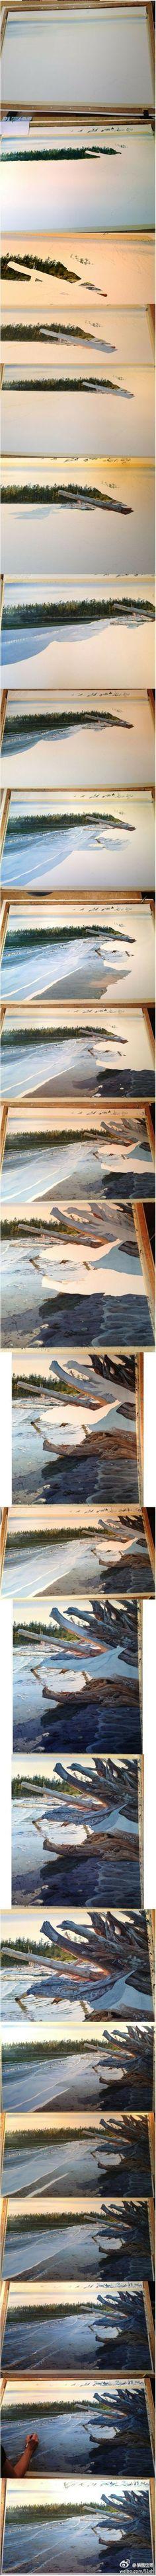 Carol Evans watercolor painting step by step.